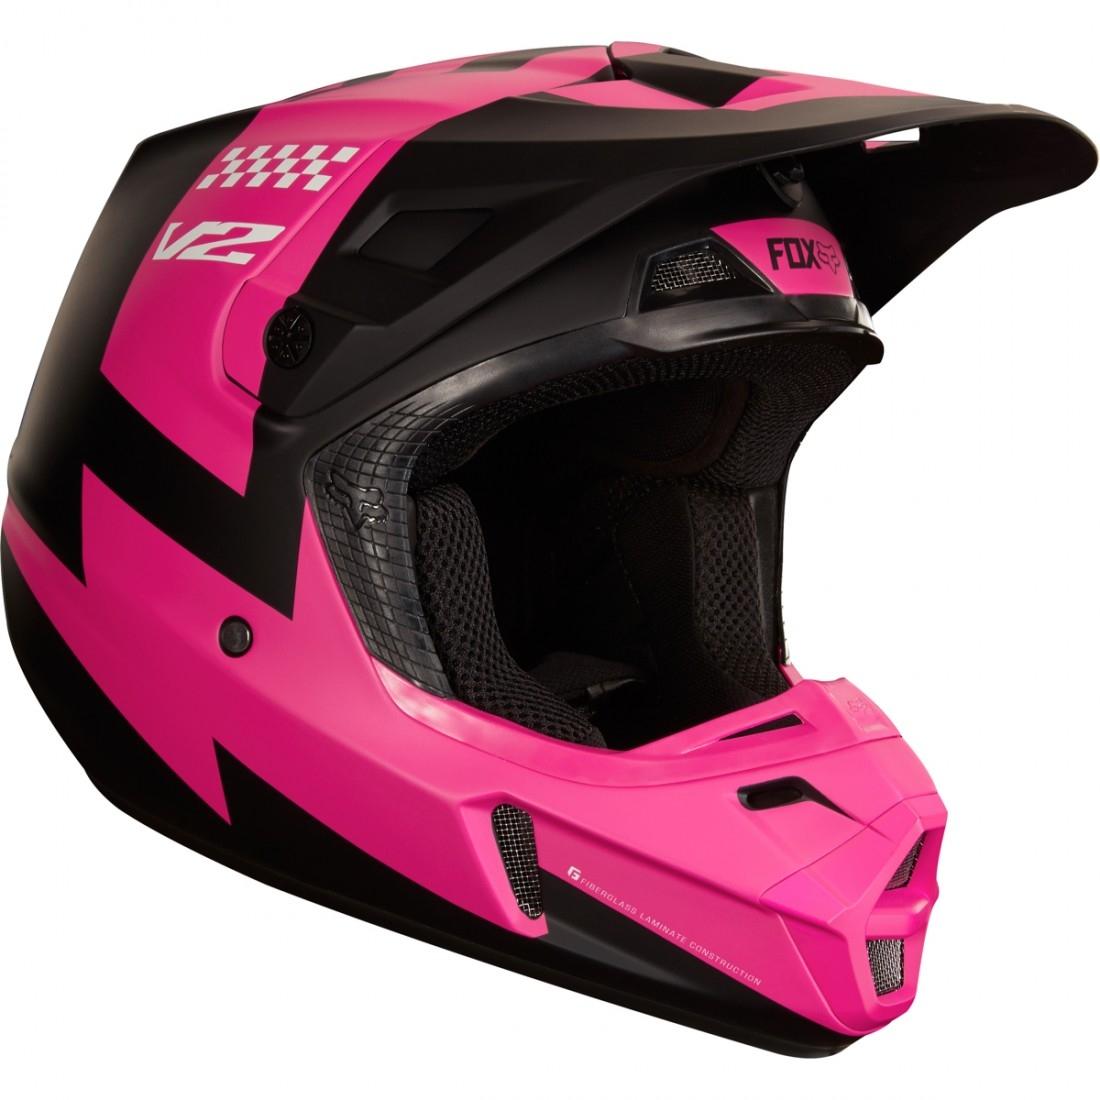 Black helmet promo code / T mobile phone prepaid